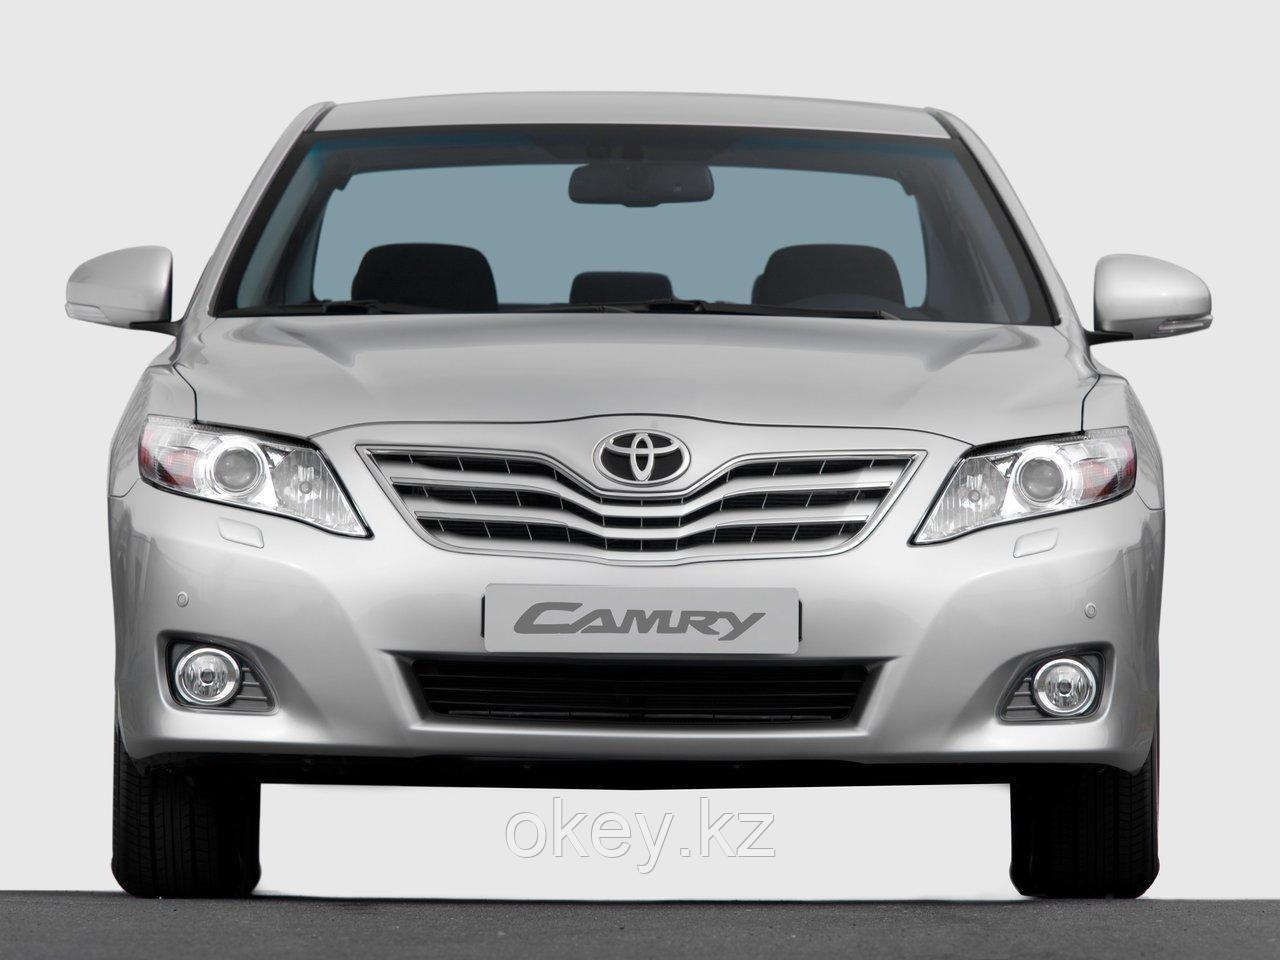 Тормозные колодки Kötl 3426KT для Toyota Camry VI седан (_XV4_) 3.5, 2008-2011 года выпуска.